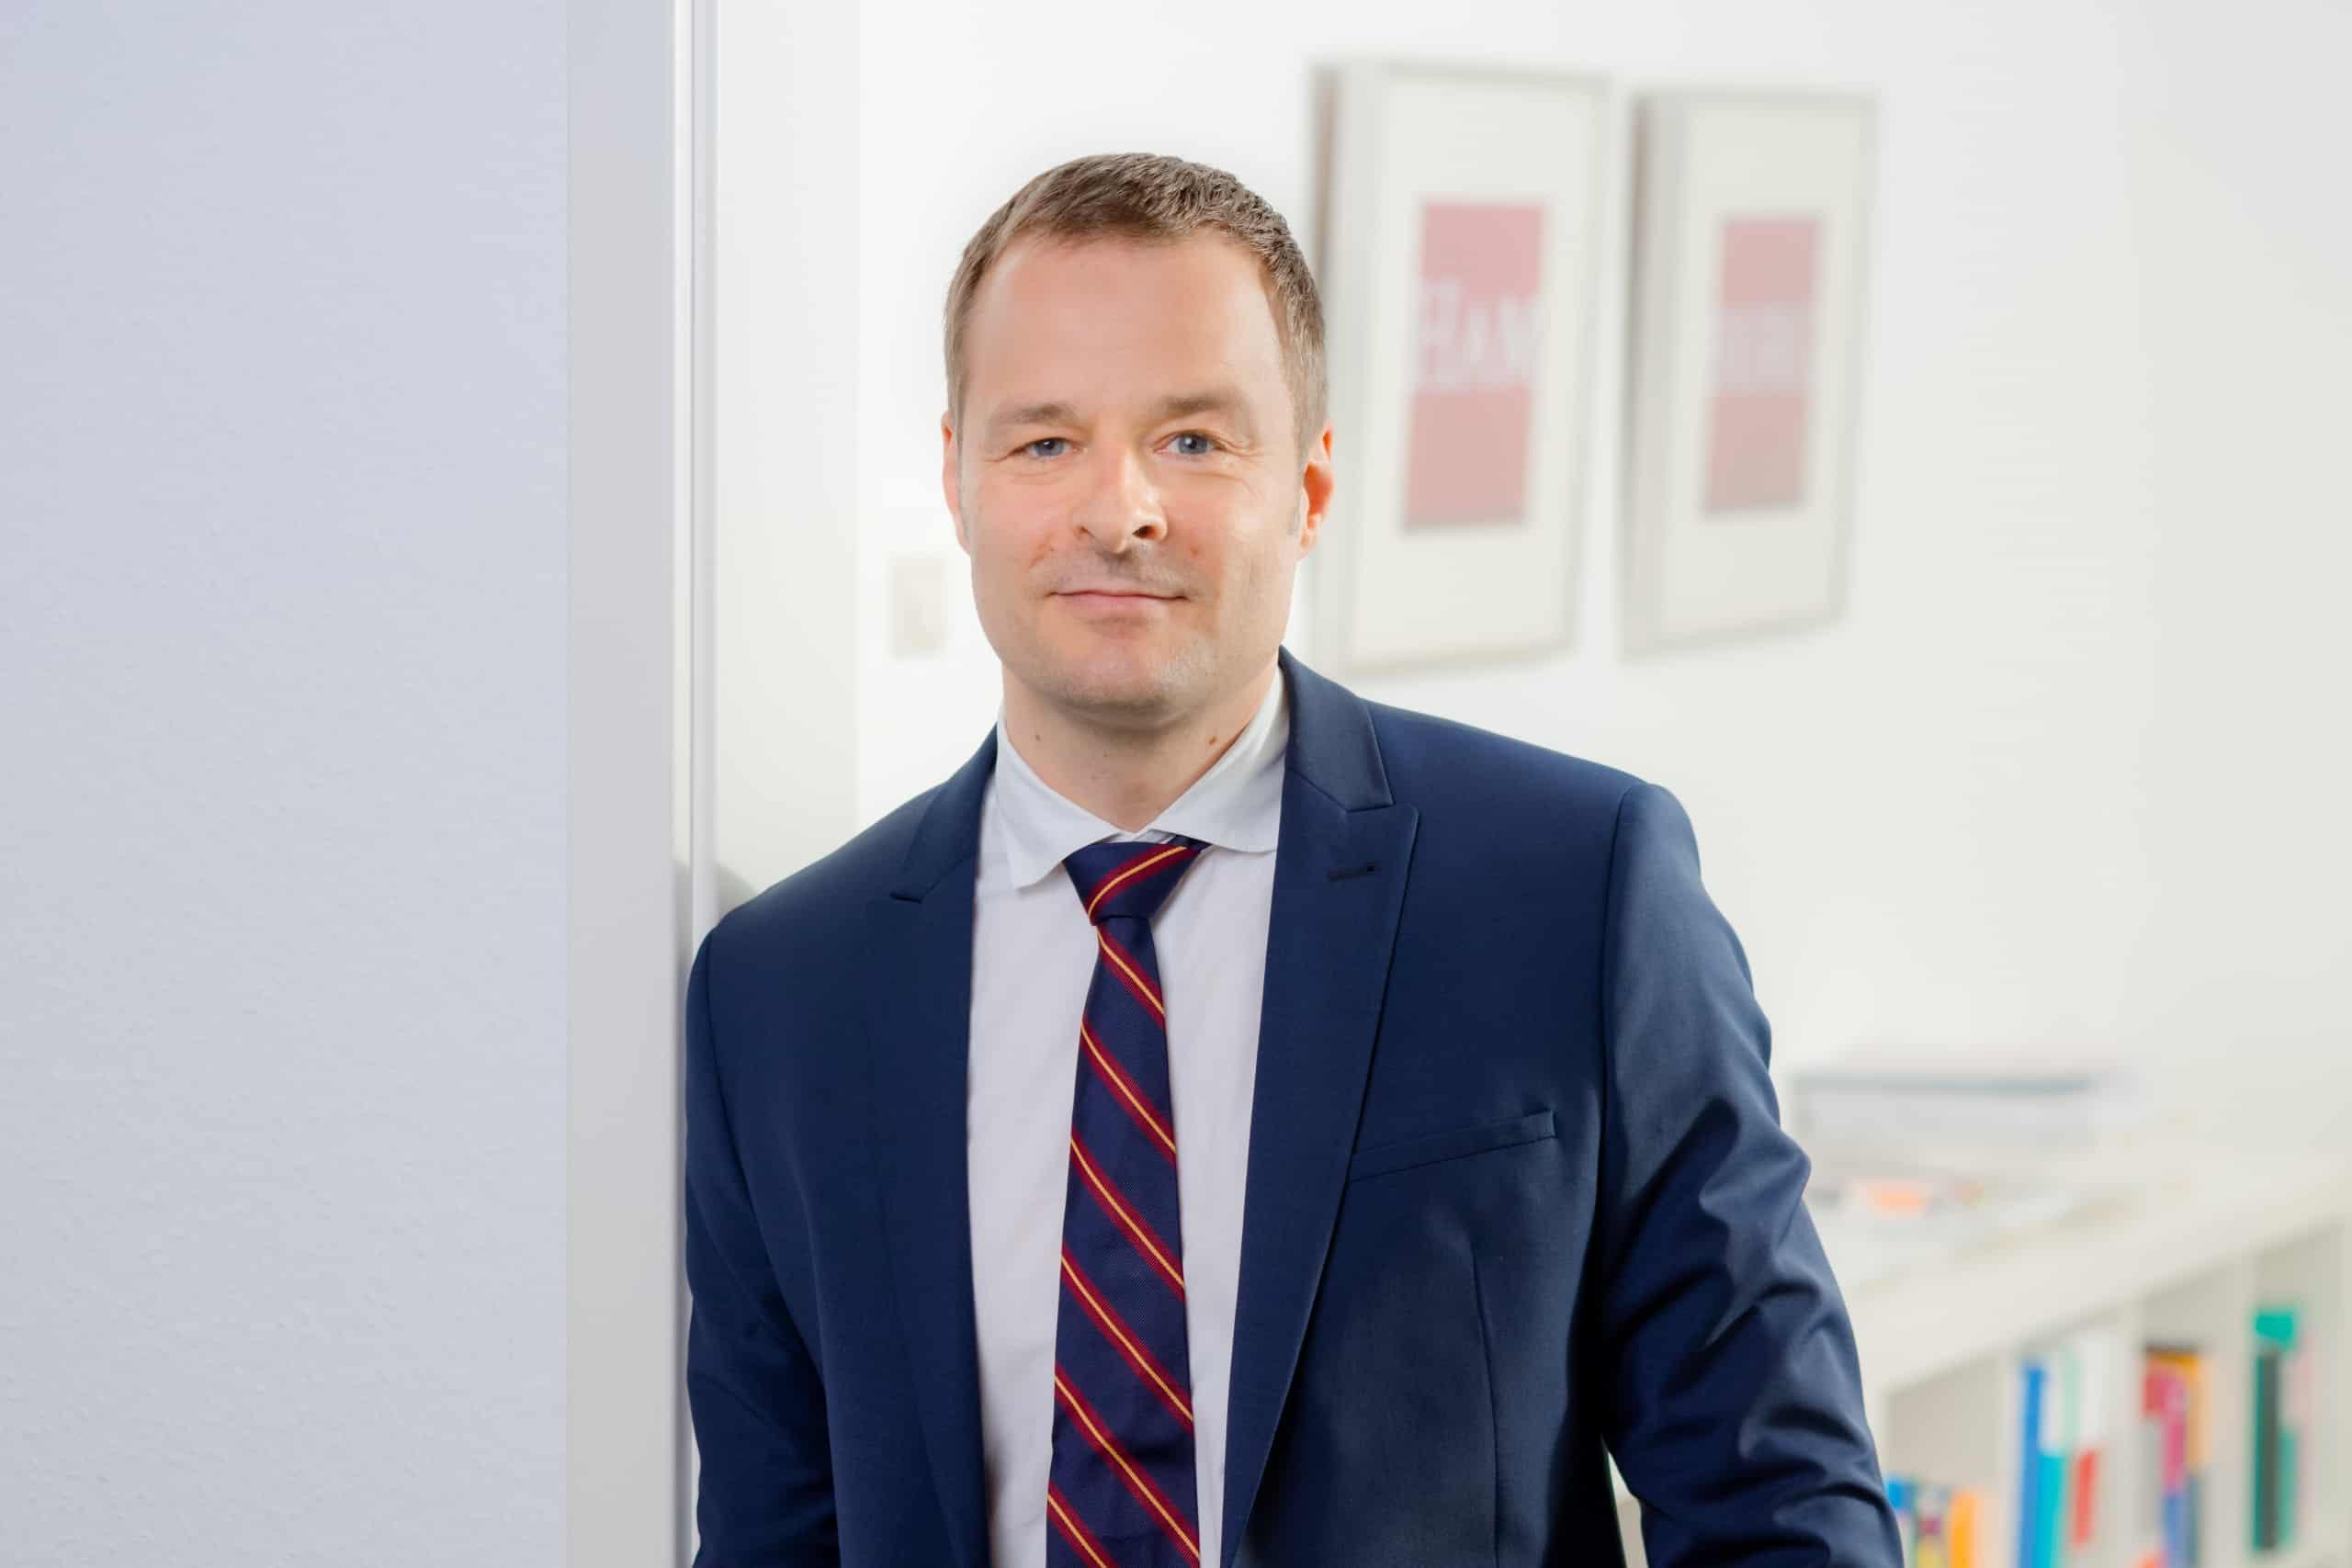 Florian Dälken